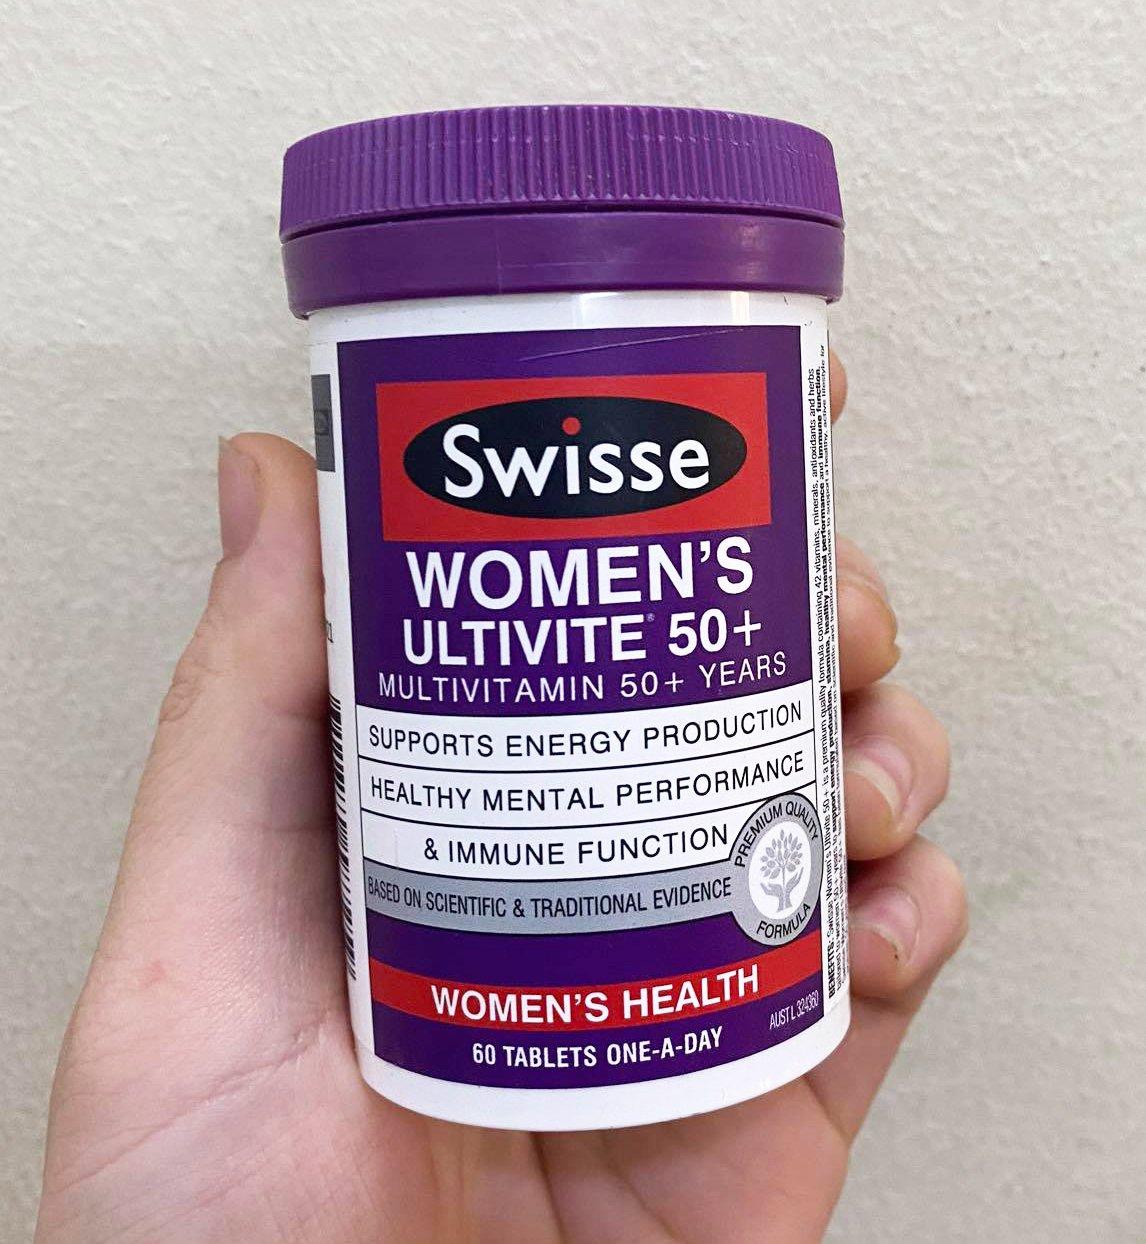 Sử dụng vitamin cho nữ trên 50 tuổi Swisse Women's Ultivite 50+ theo hướng dẫn để hiệu quả sản phẩm tốt hơn